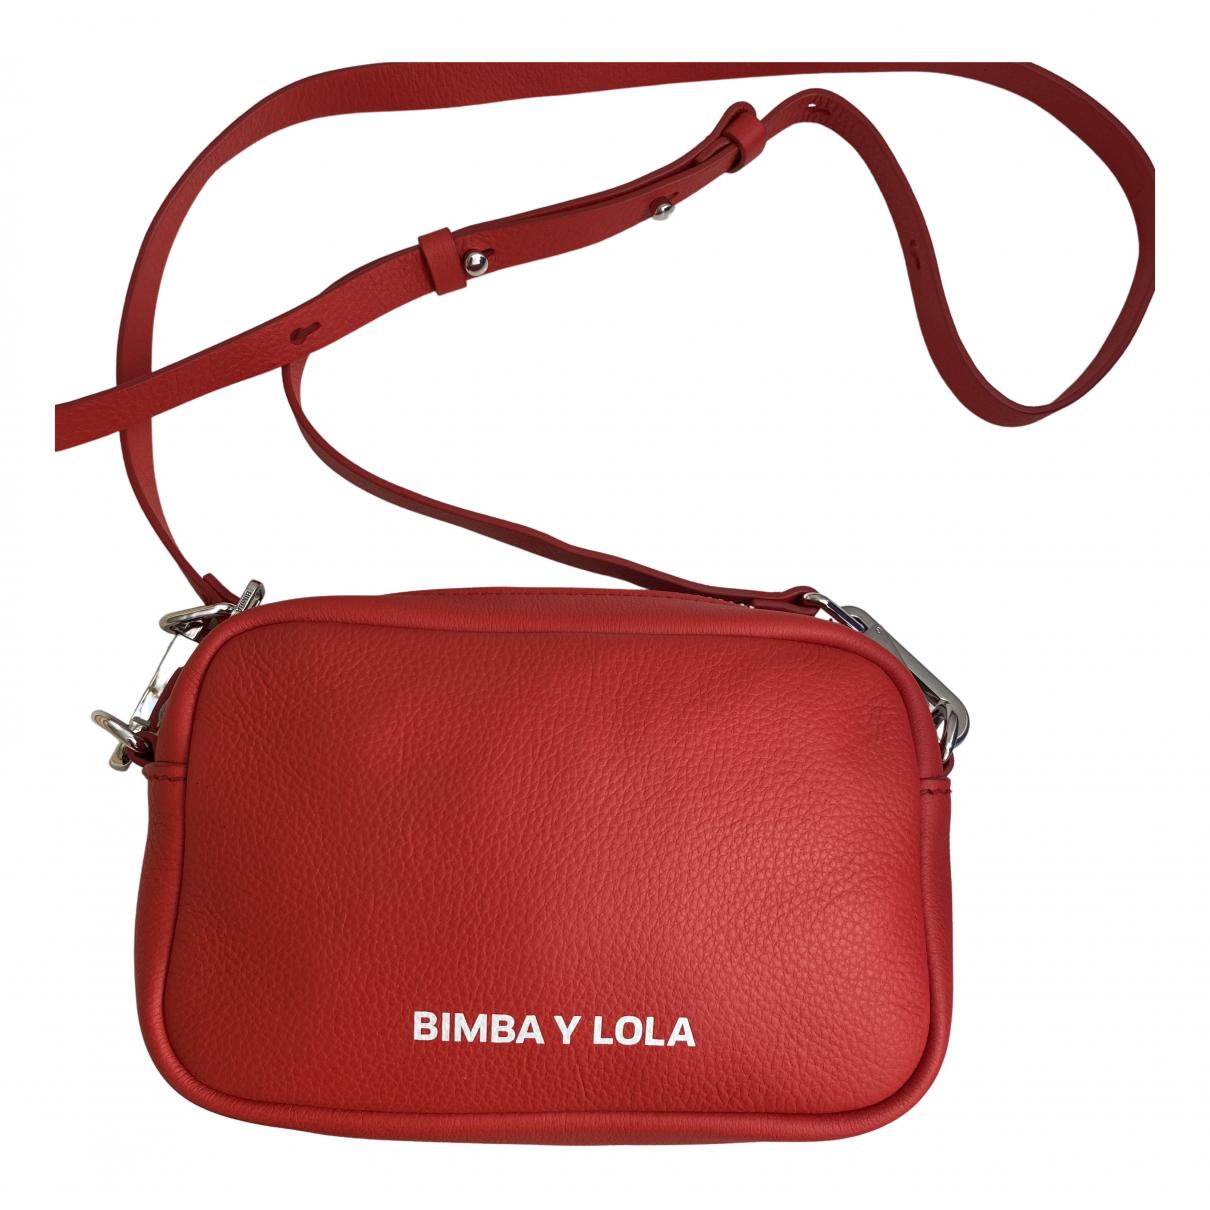 Bimba Y Lola - Sac a main   pour femme en cuir - rouge